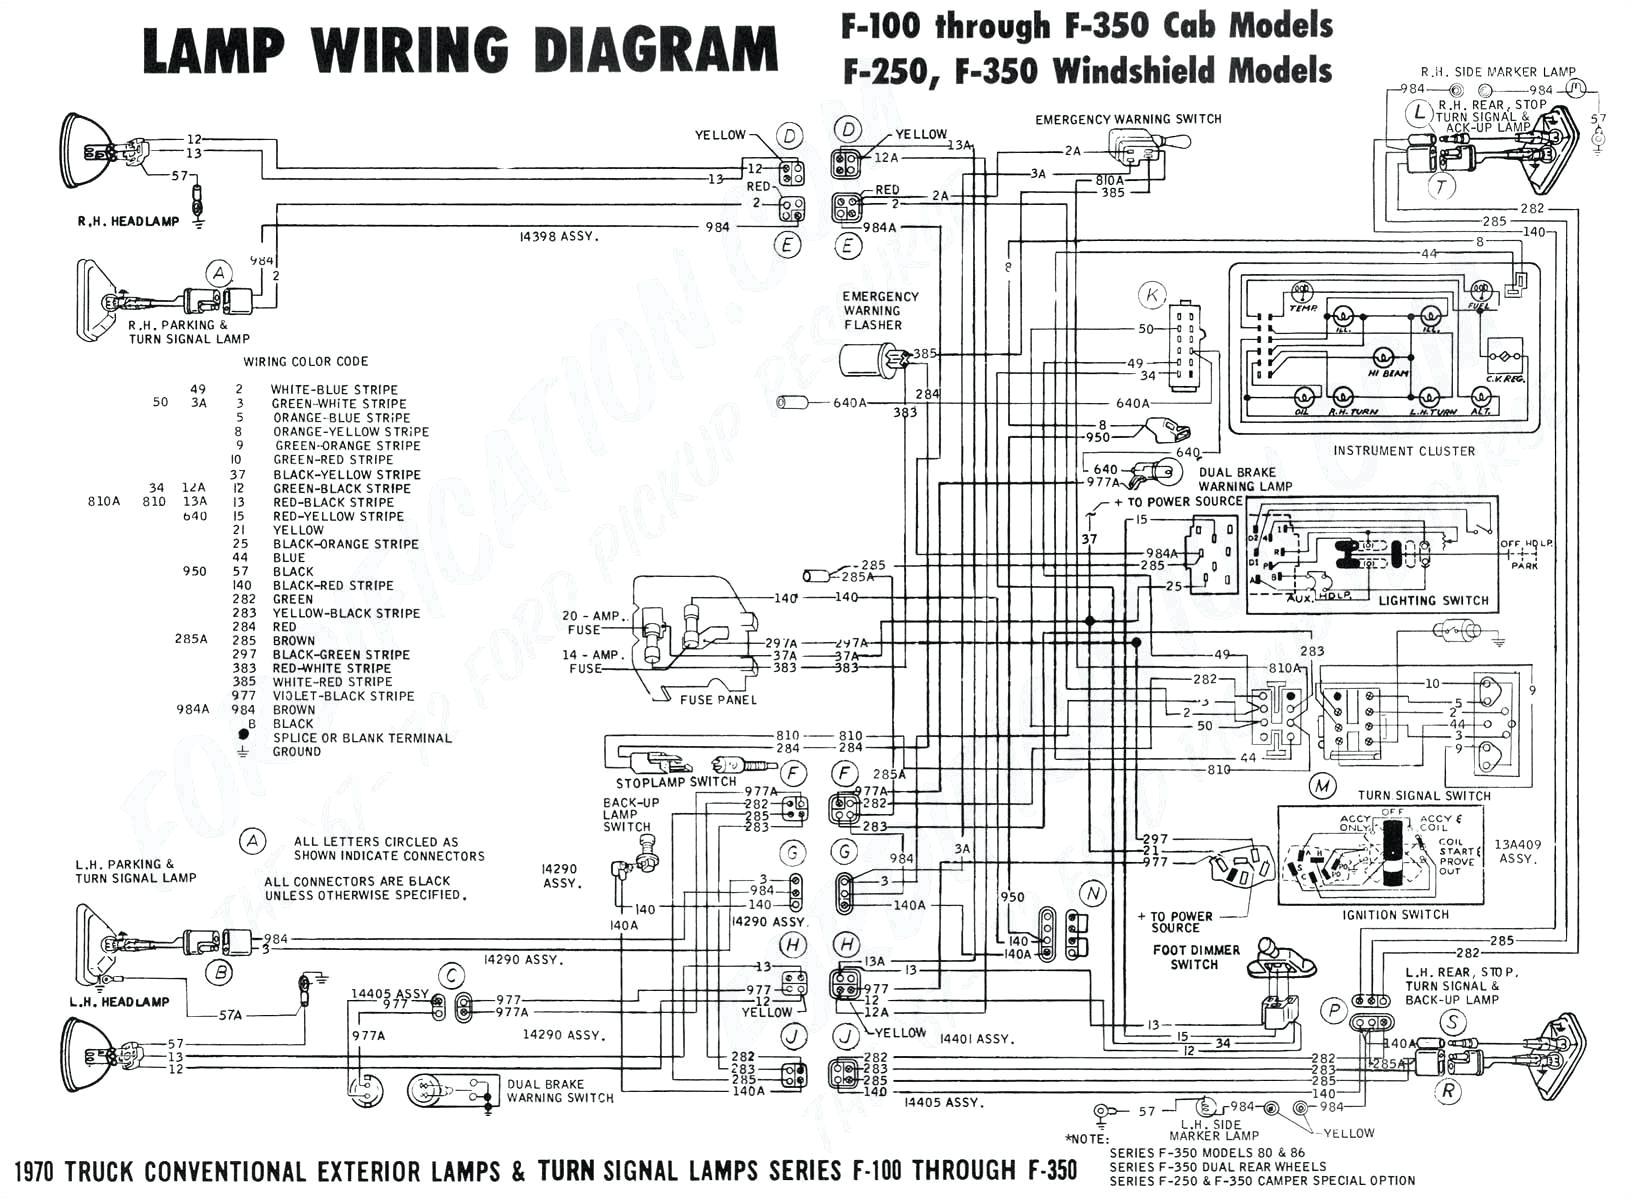 4g92 Wiring Diagram Pdf 4g92 Wiring Diagram Pdf Best Of Car Ecu Circuit Diagram Pdf Explore